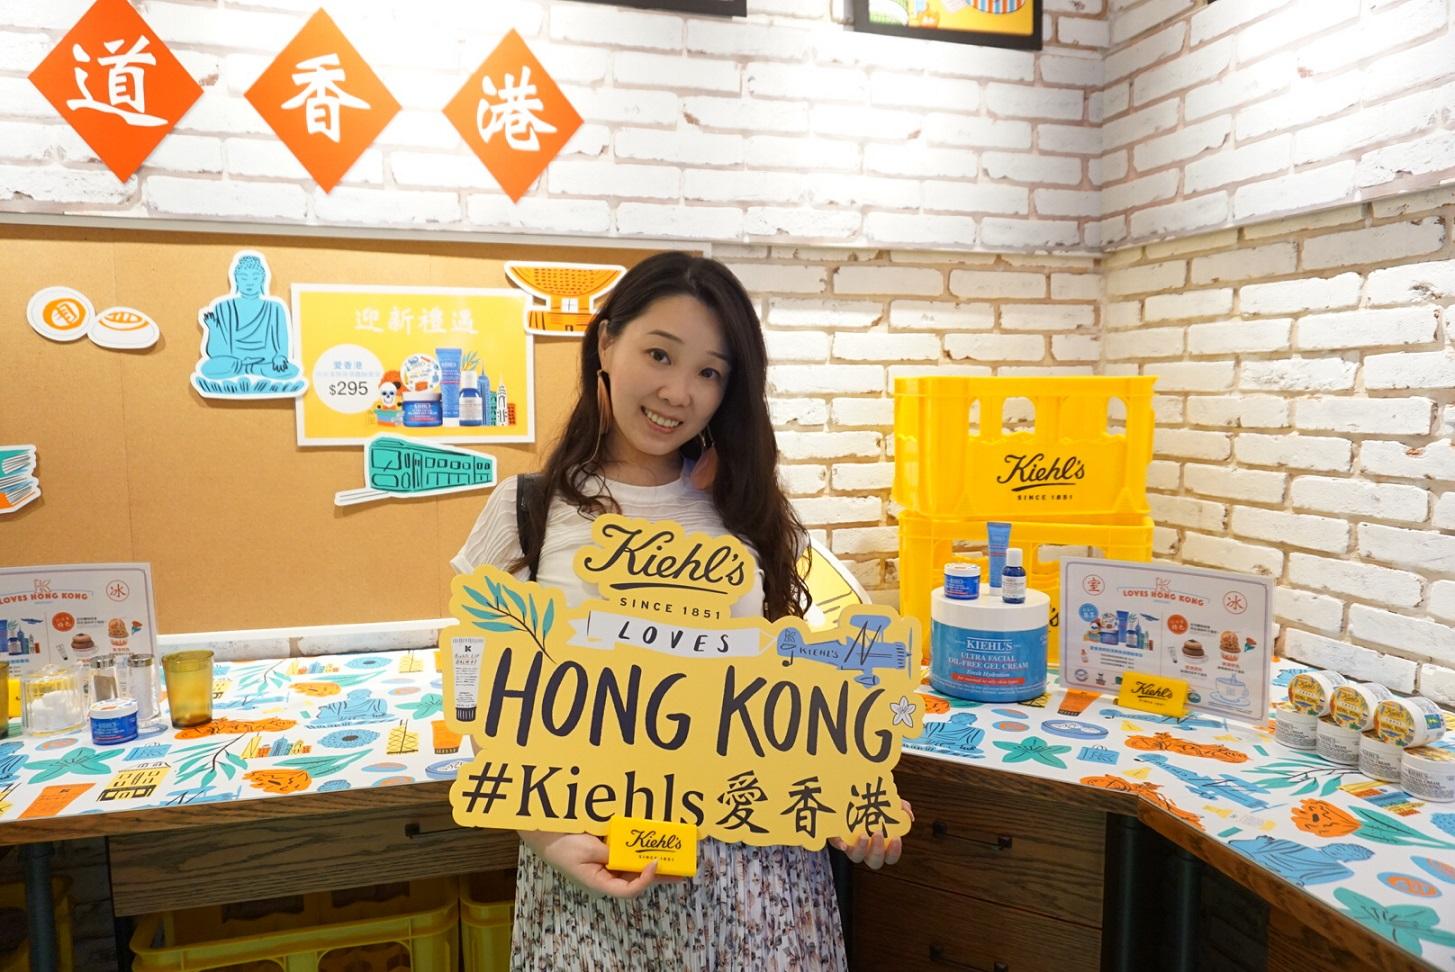 全新演繹・我們的集體回憶 .‧* ღ・Kiehl's愛香港Pop Up冰室